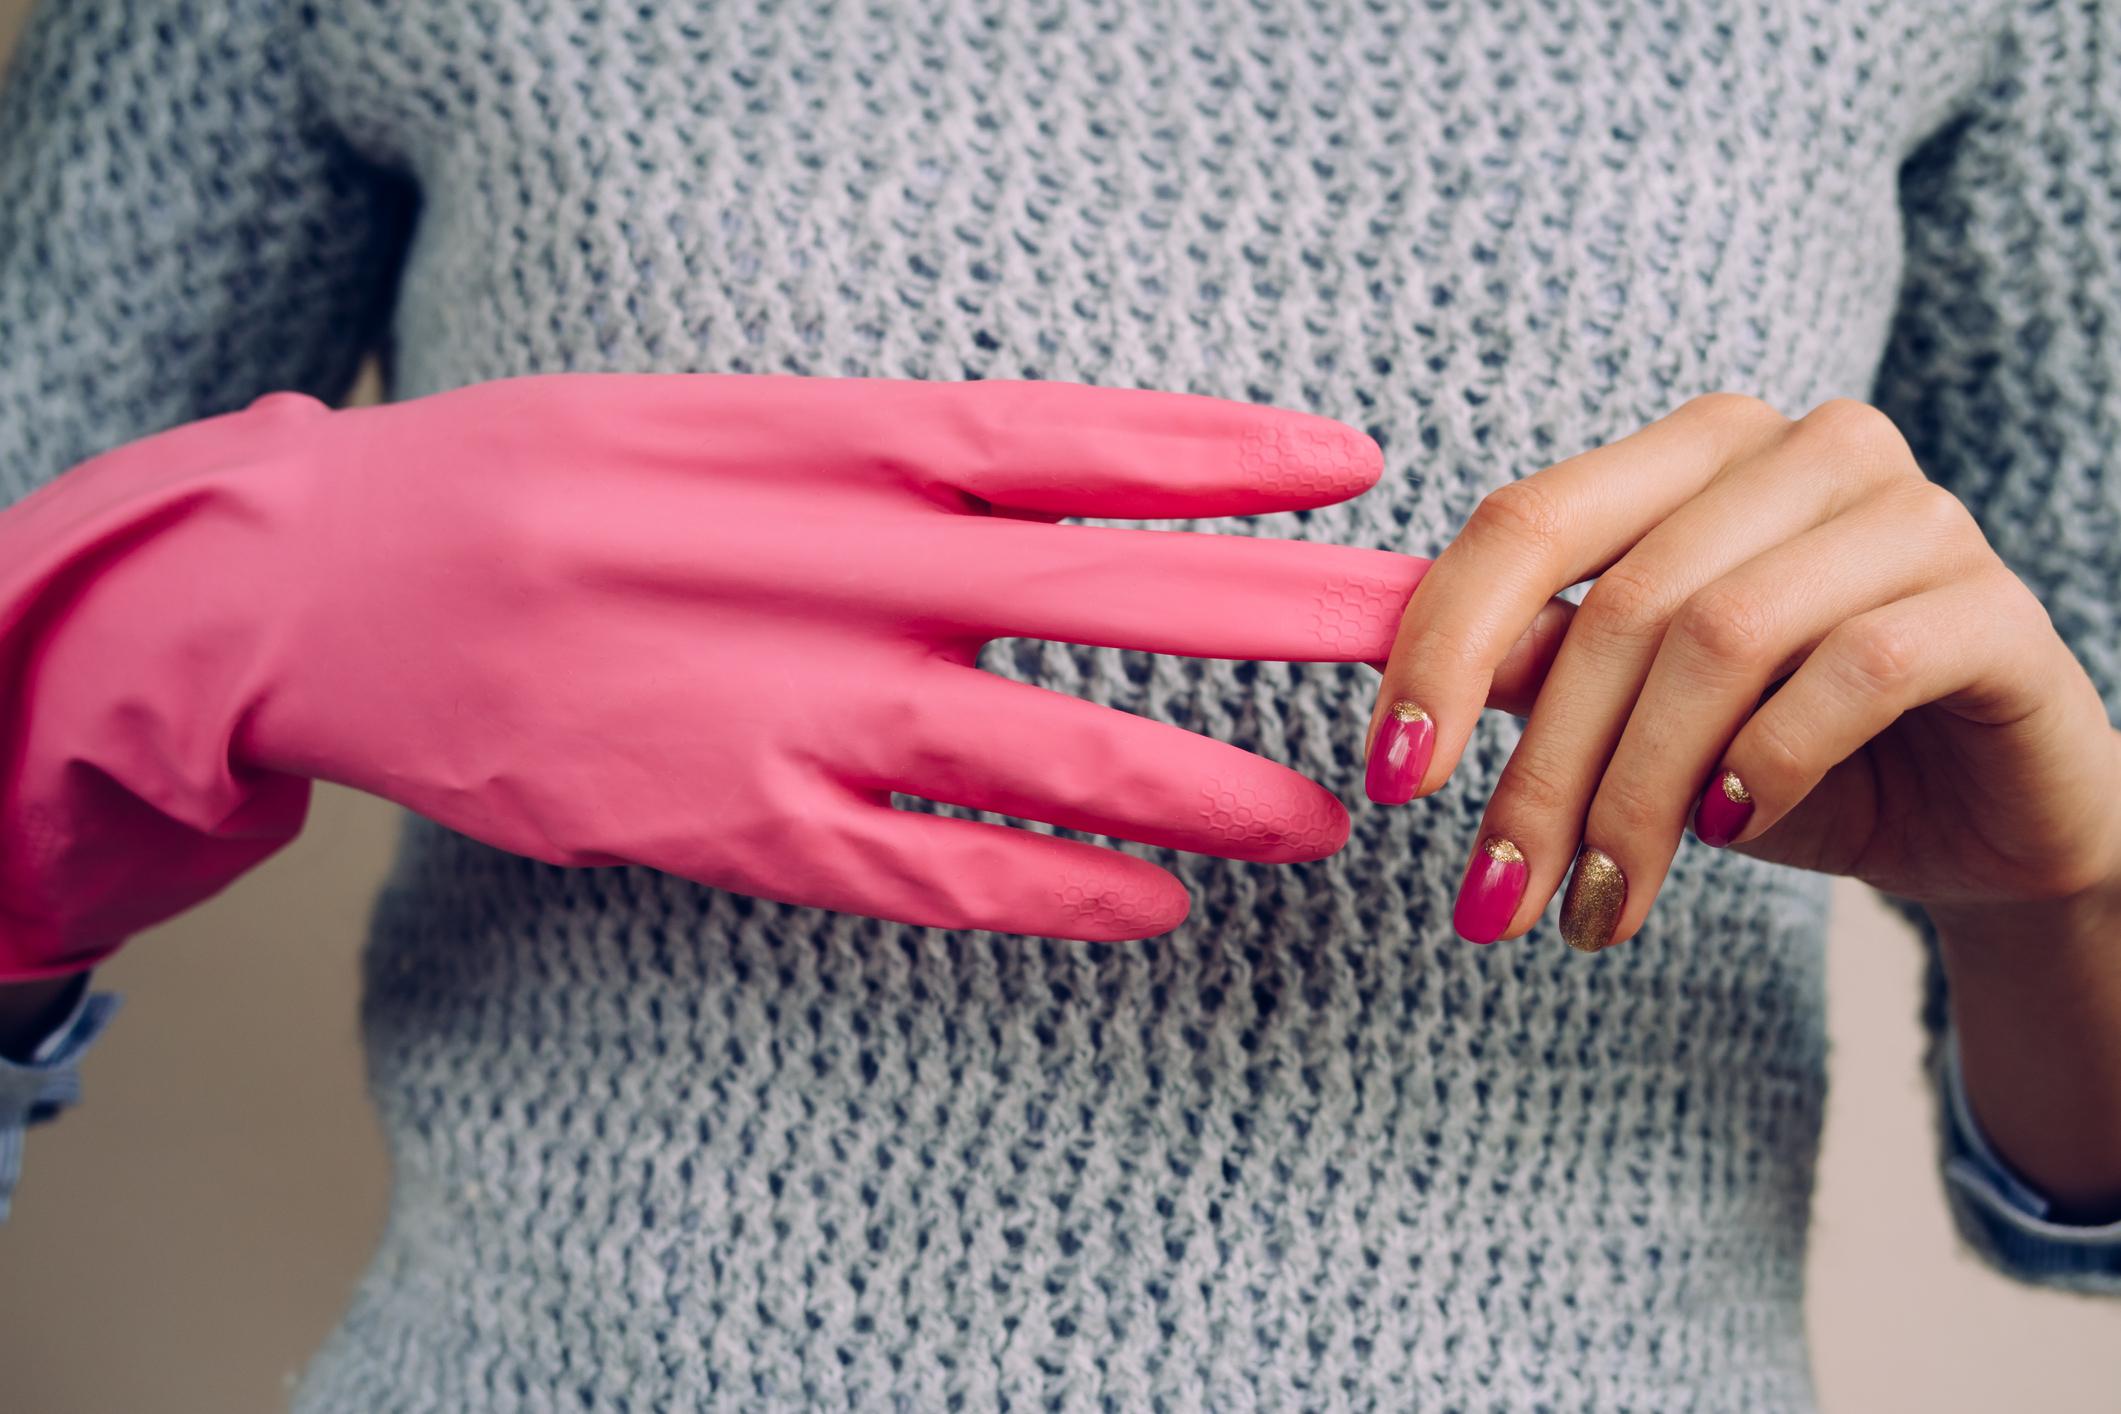 Чифт гумени ръкавици. Нещо толкова елементарно и евтино, но не всички имаме в дома си. Предпазете ръцете си, когато използвате препарати за почистване.